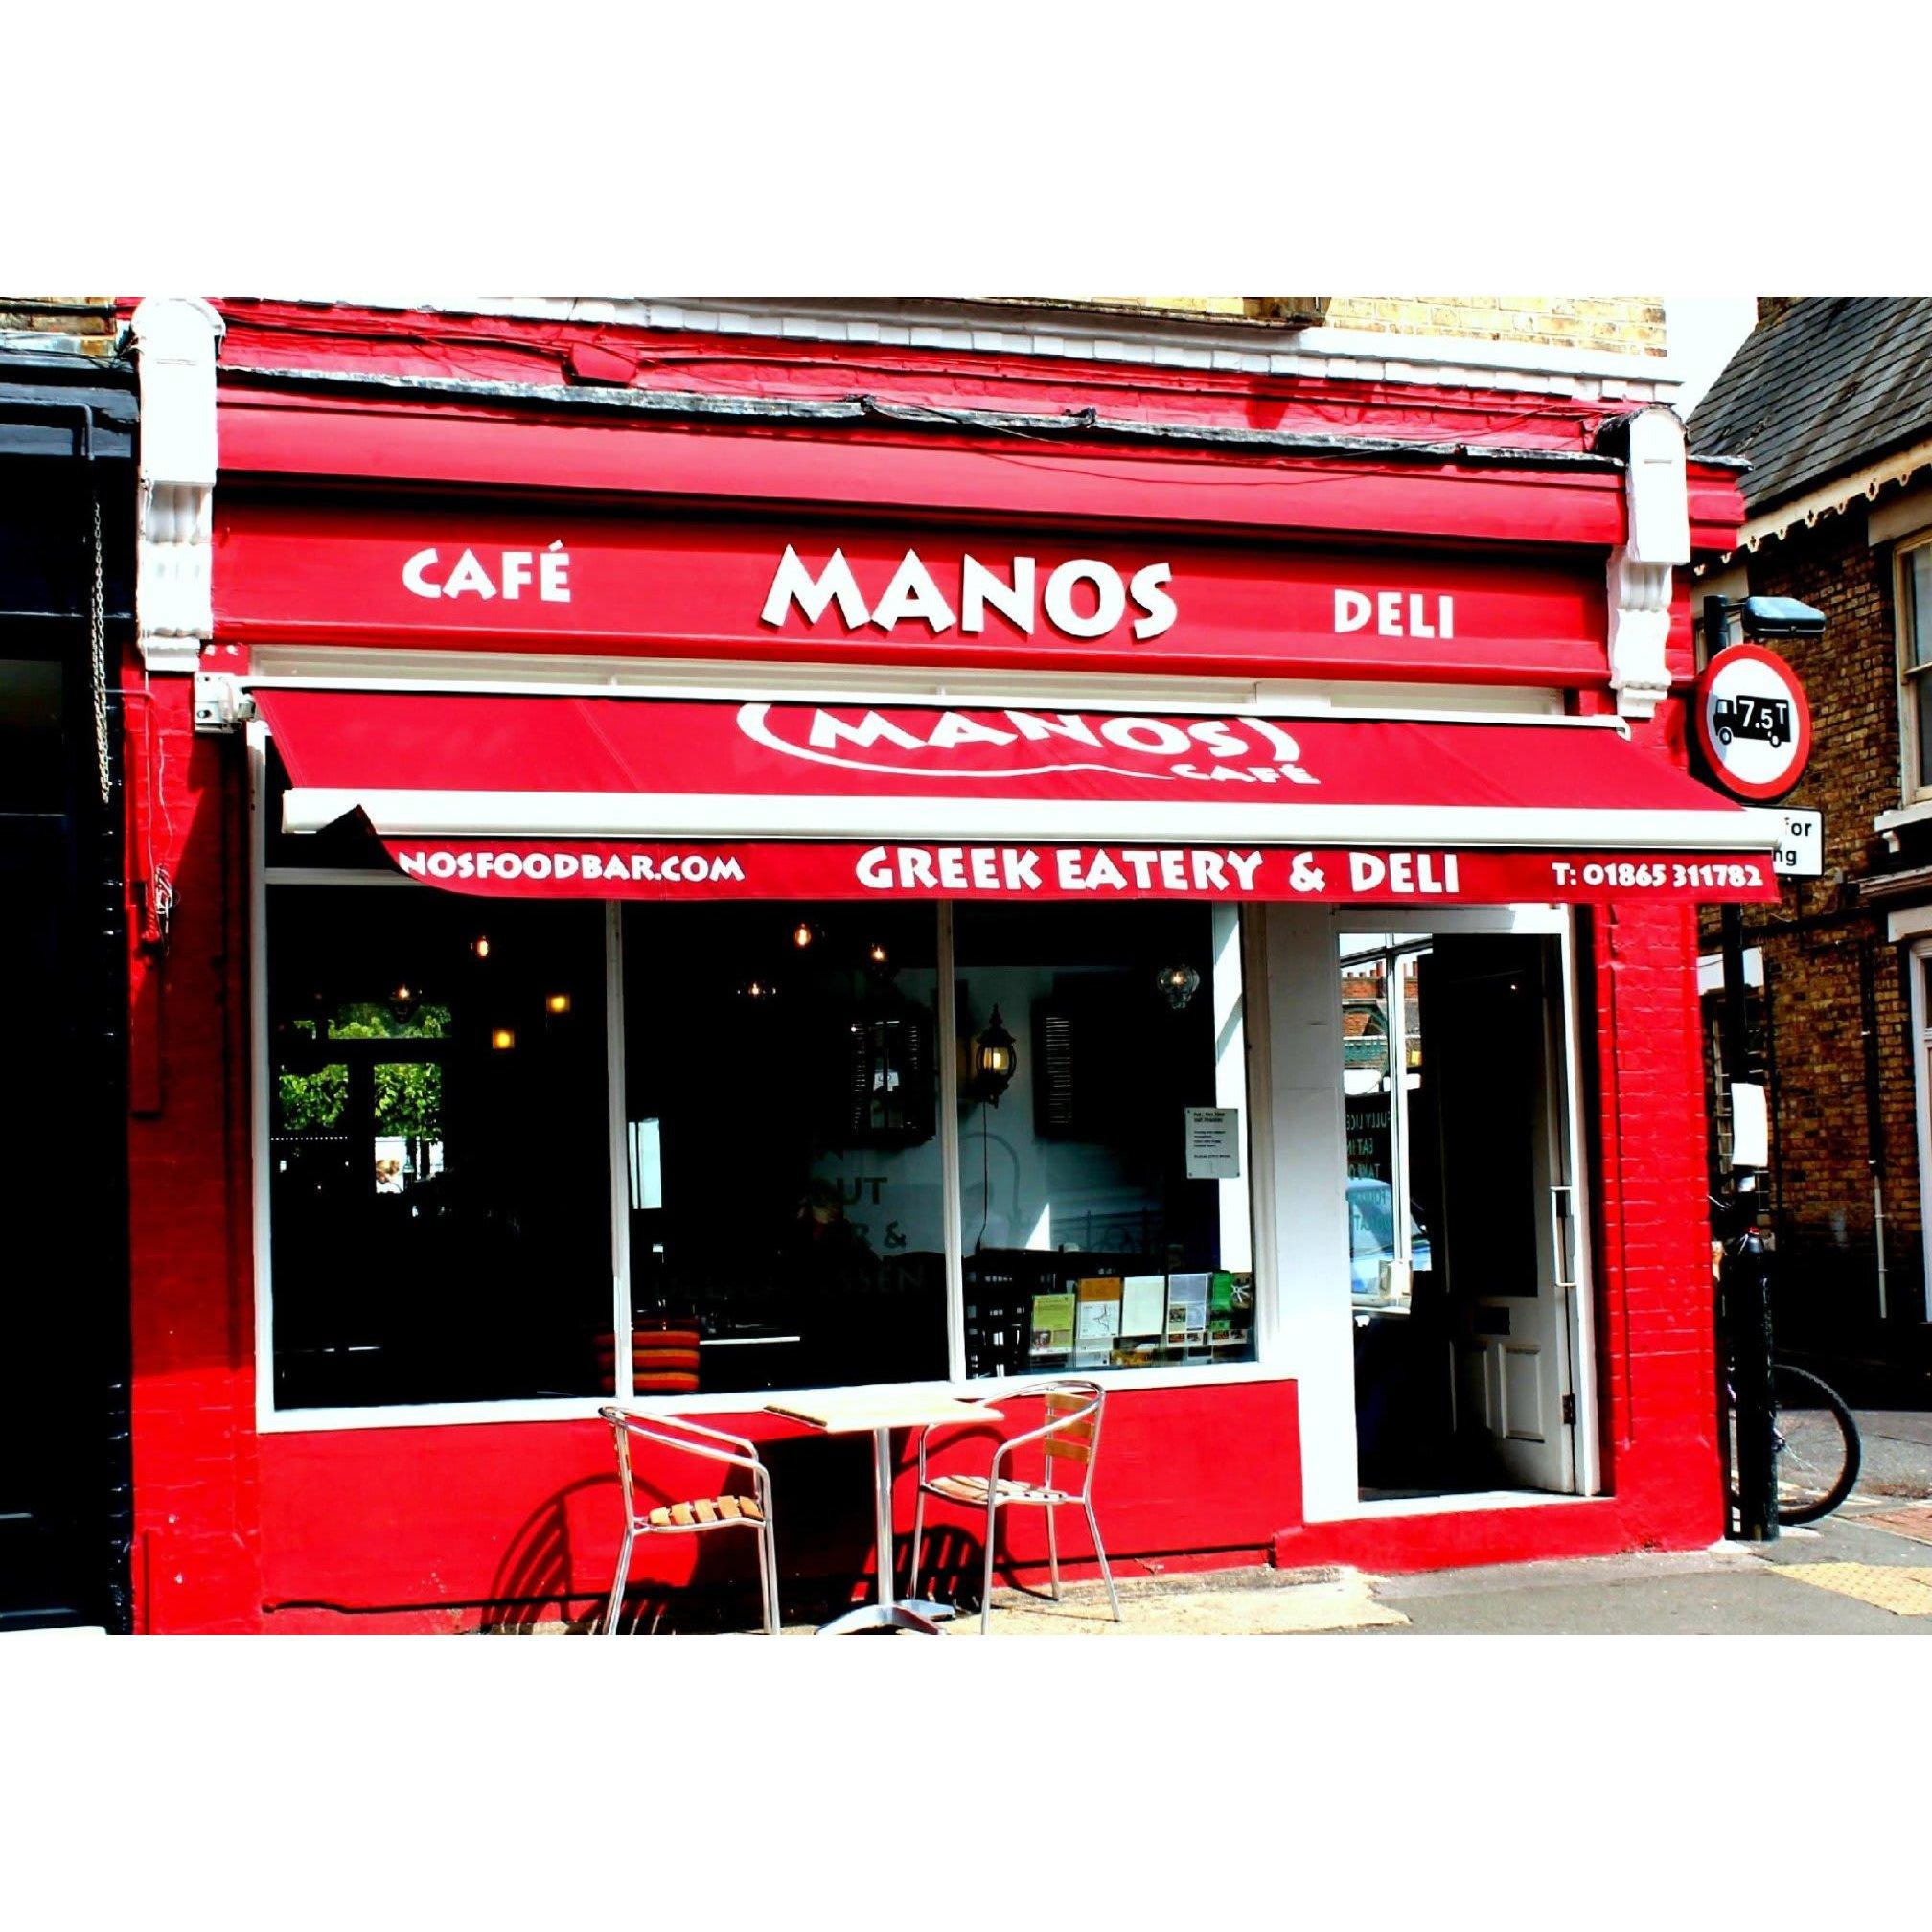 Manos Cafe & Deli